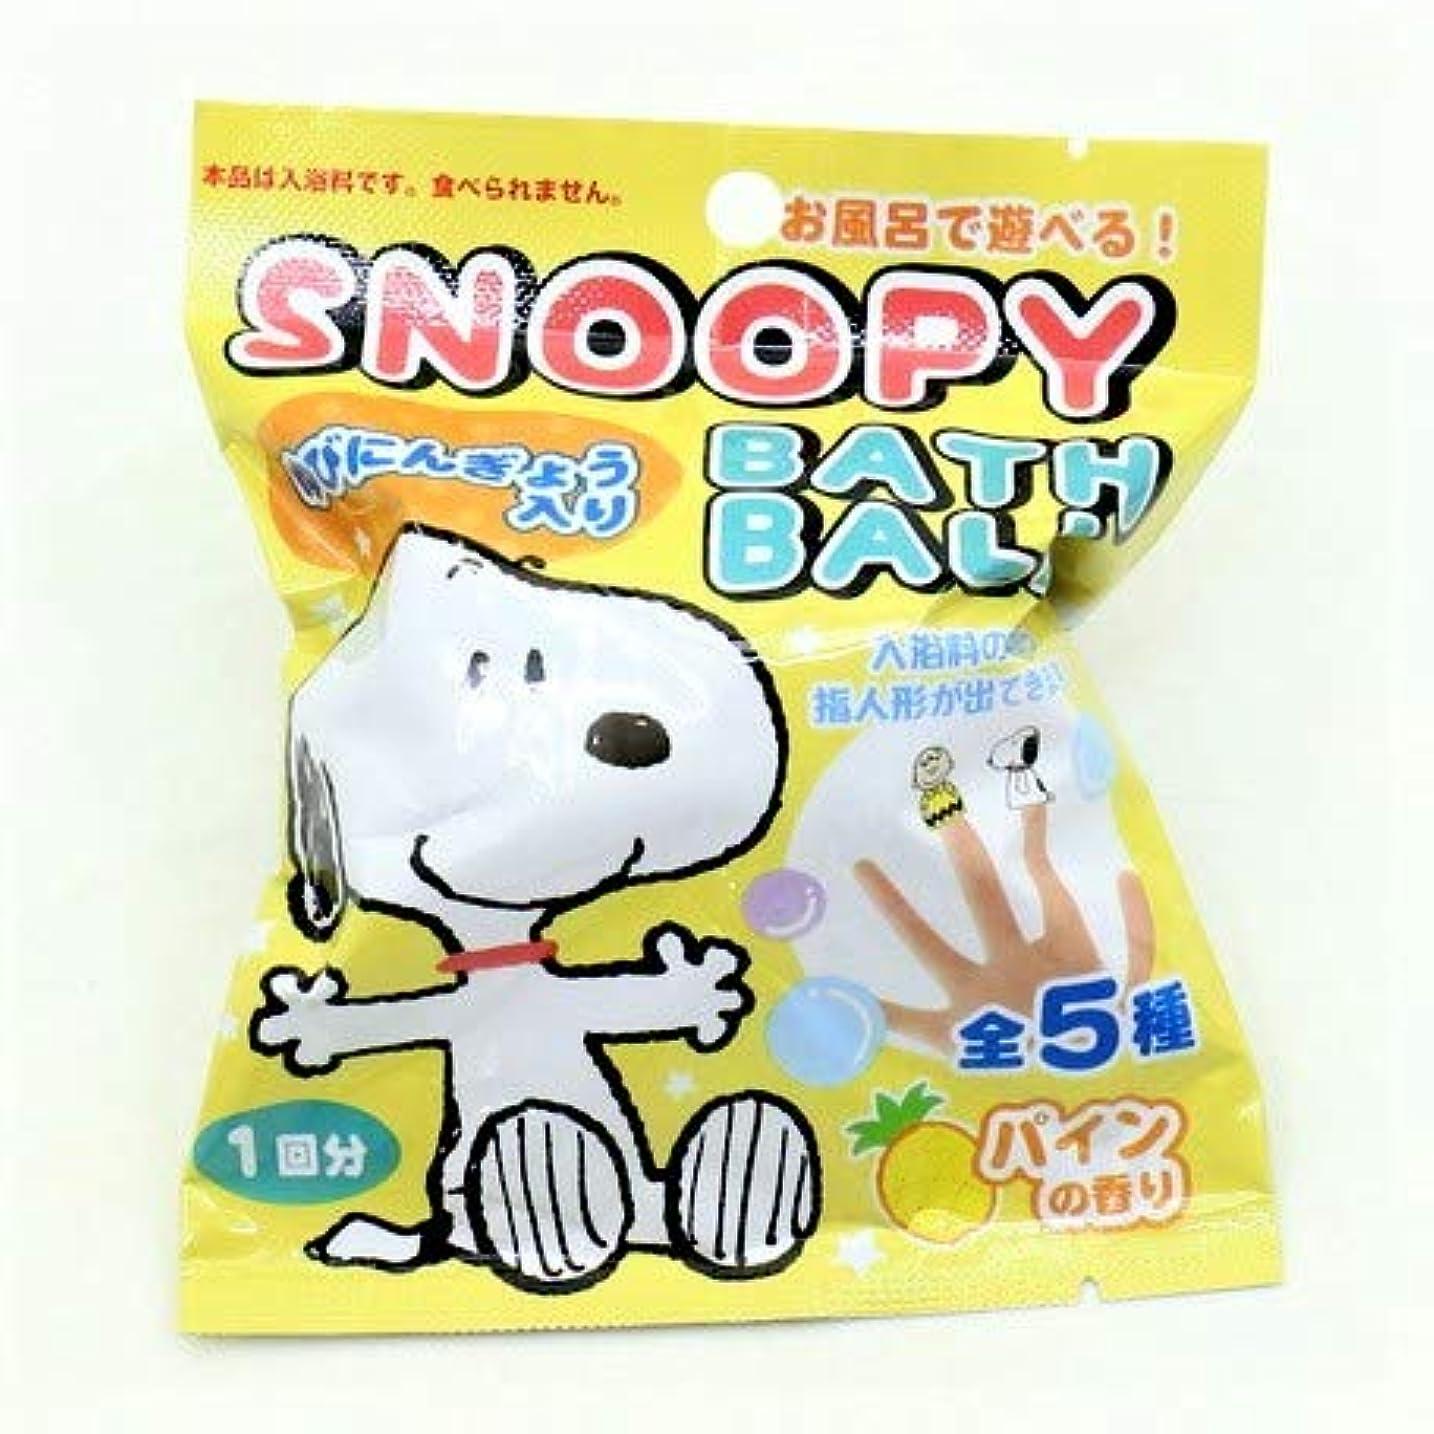 原子炉日の出理由スヌーピー バスボール 入浴剤 パインの香り 6個1セット 指人形 Snoopy